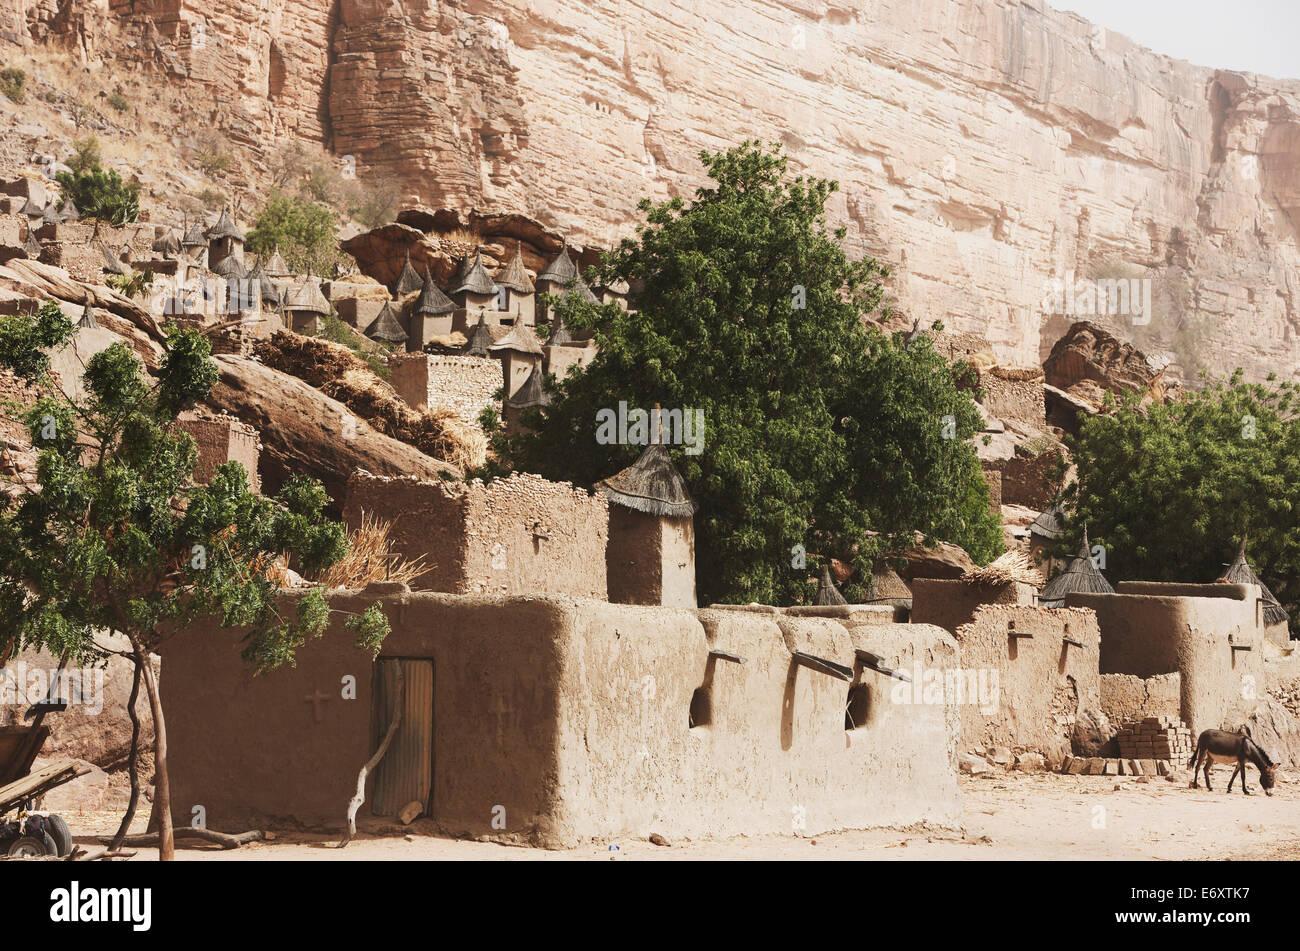 Aldea, debajo de los acantilados de Bandiagara, Dogon tierra, región de Mopti, Malí Foto de stock